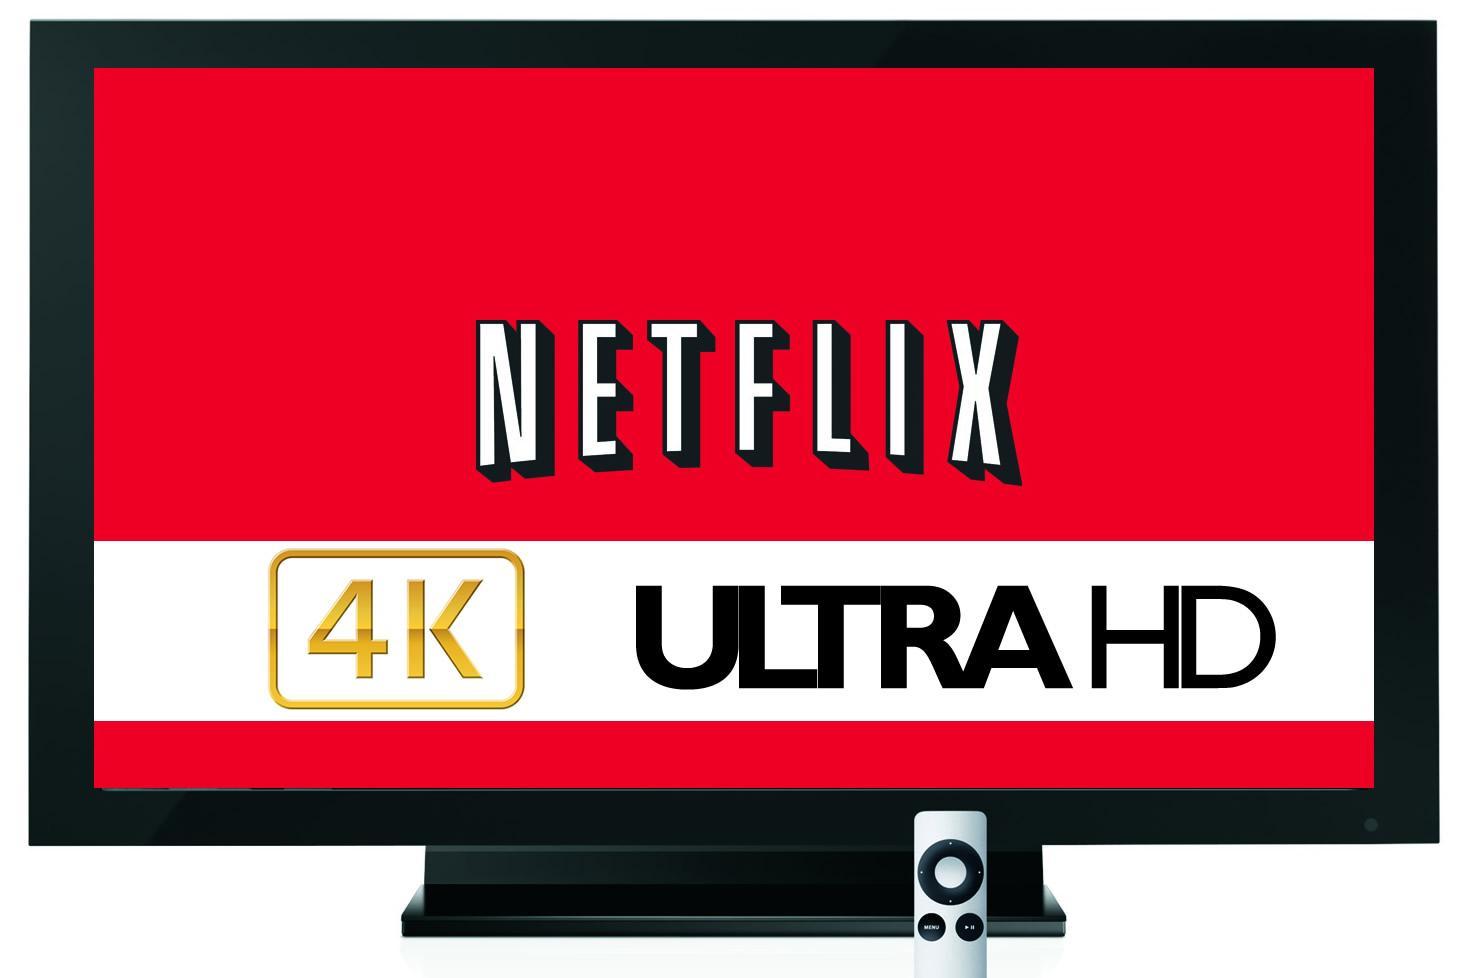 Wird Netflix der erste Ultra-HD Video on Demand Anbieter?